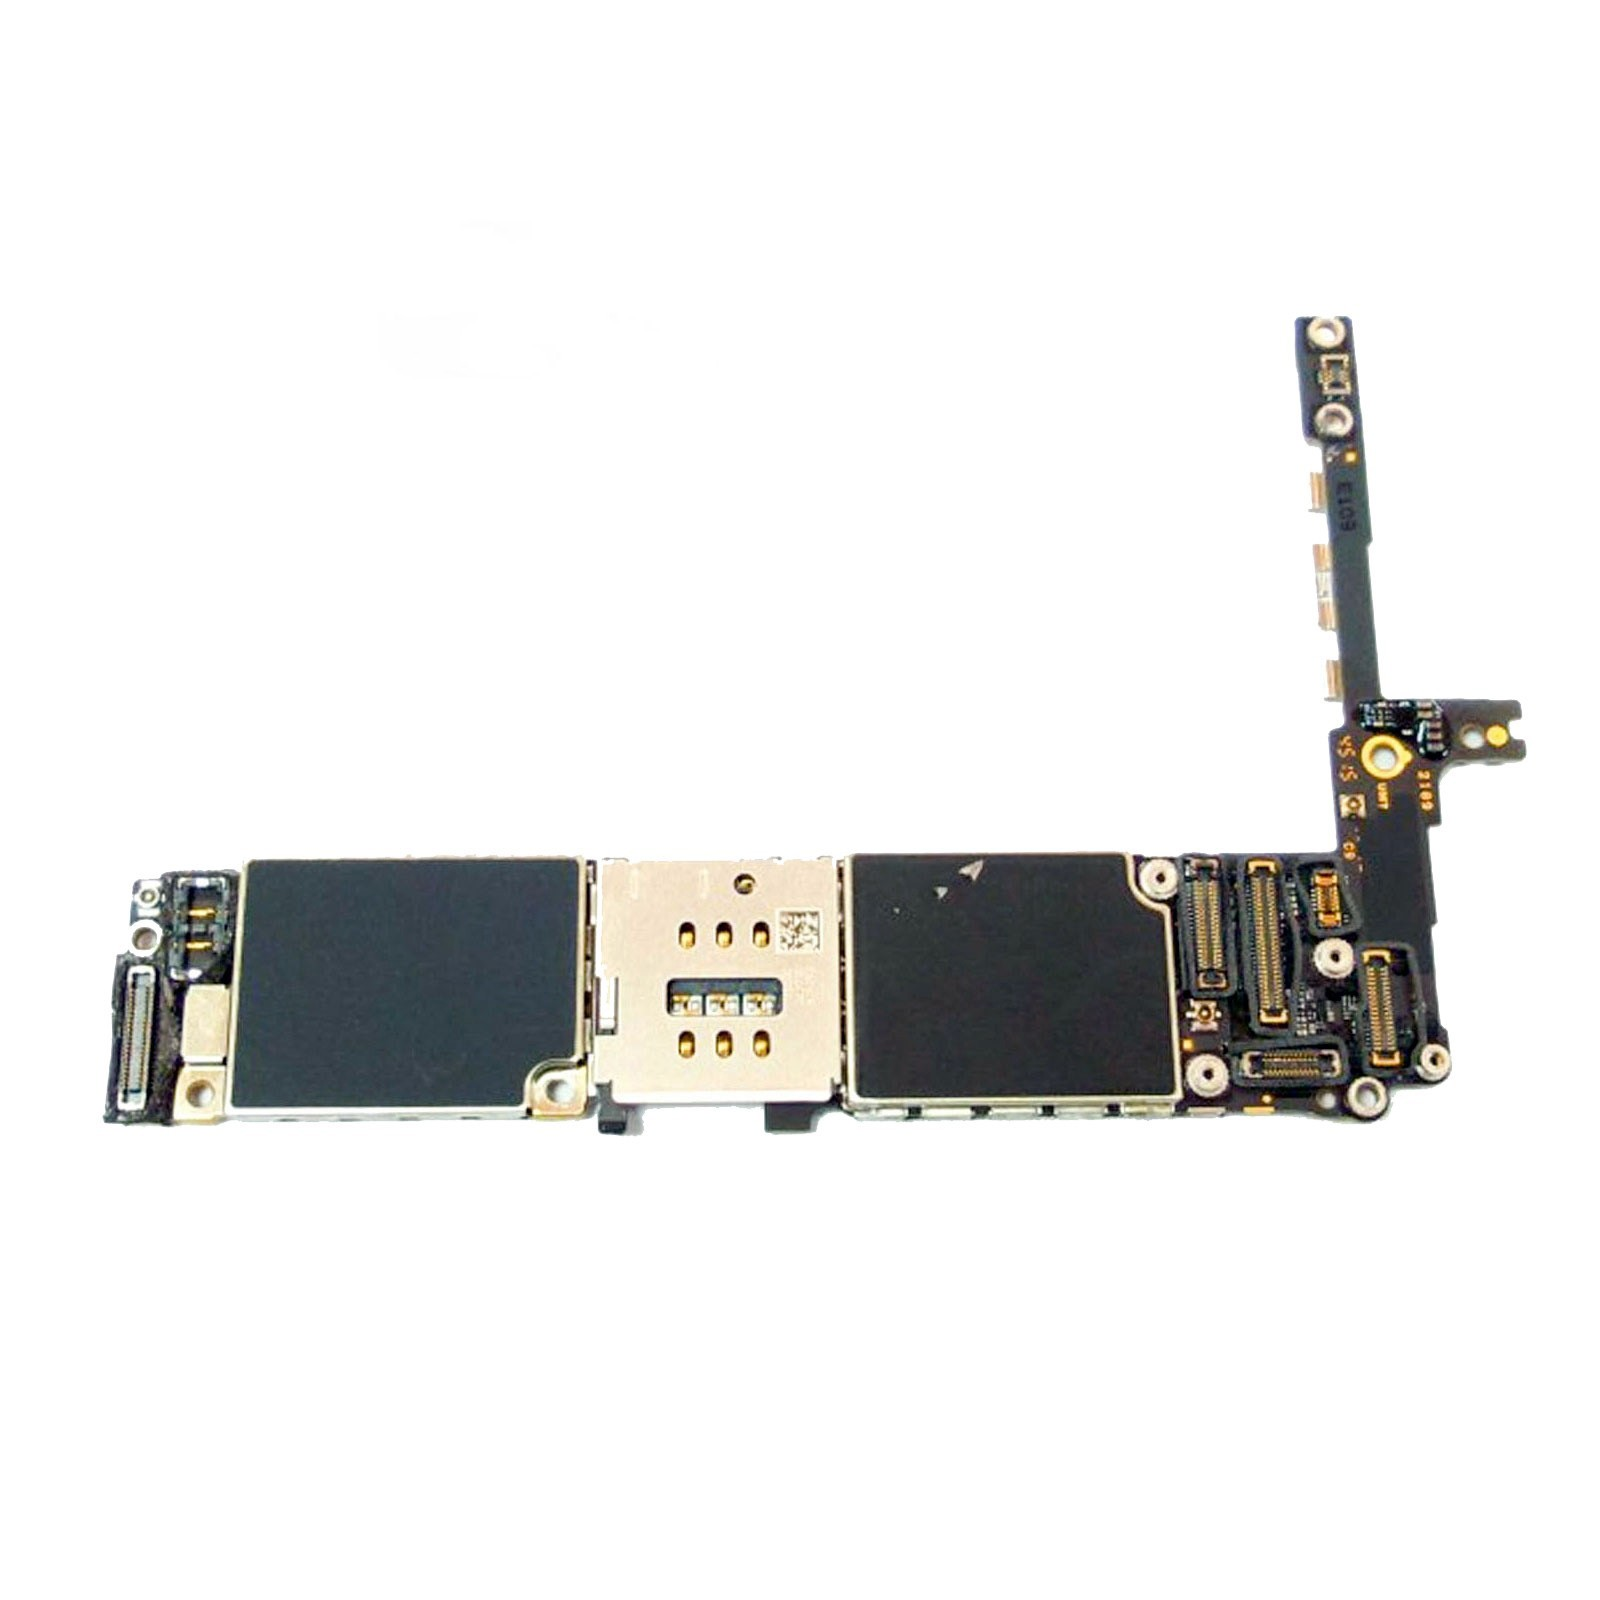 placa base motherboard iphone 7 32 GB con huella Negra Libre apple